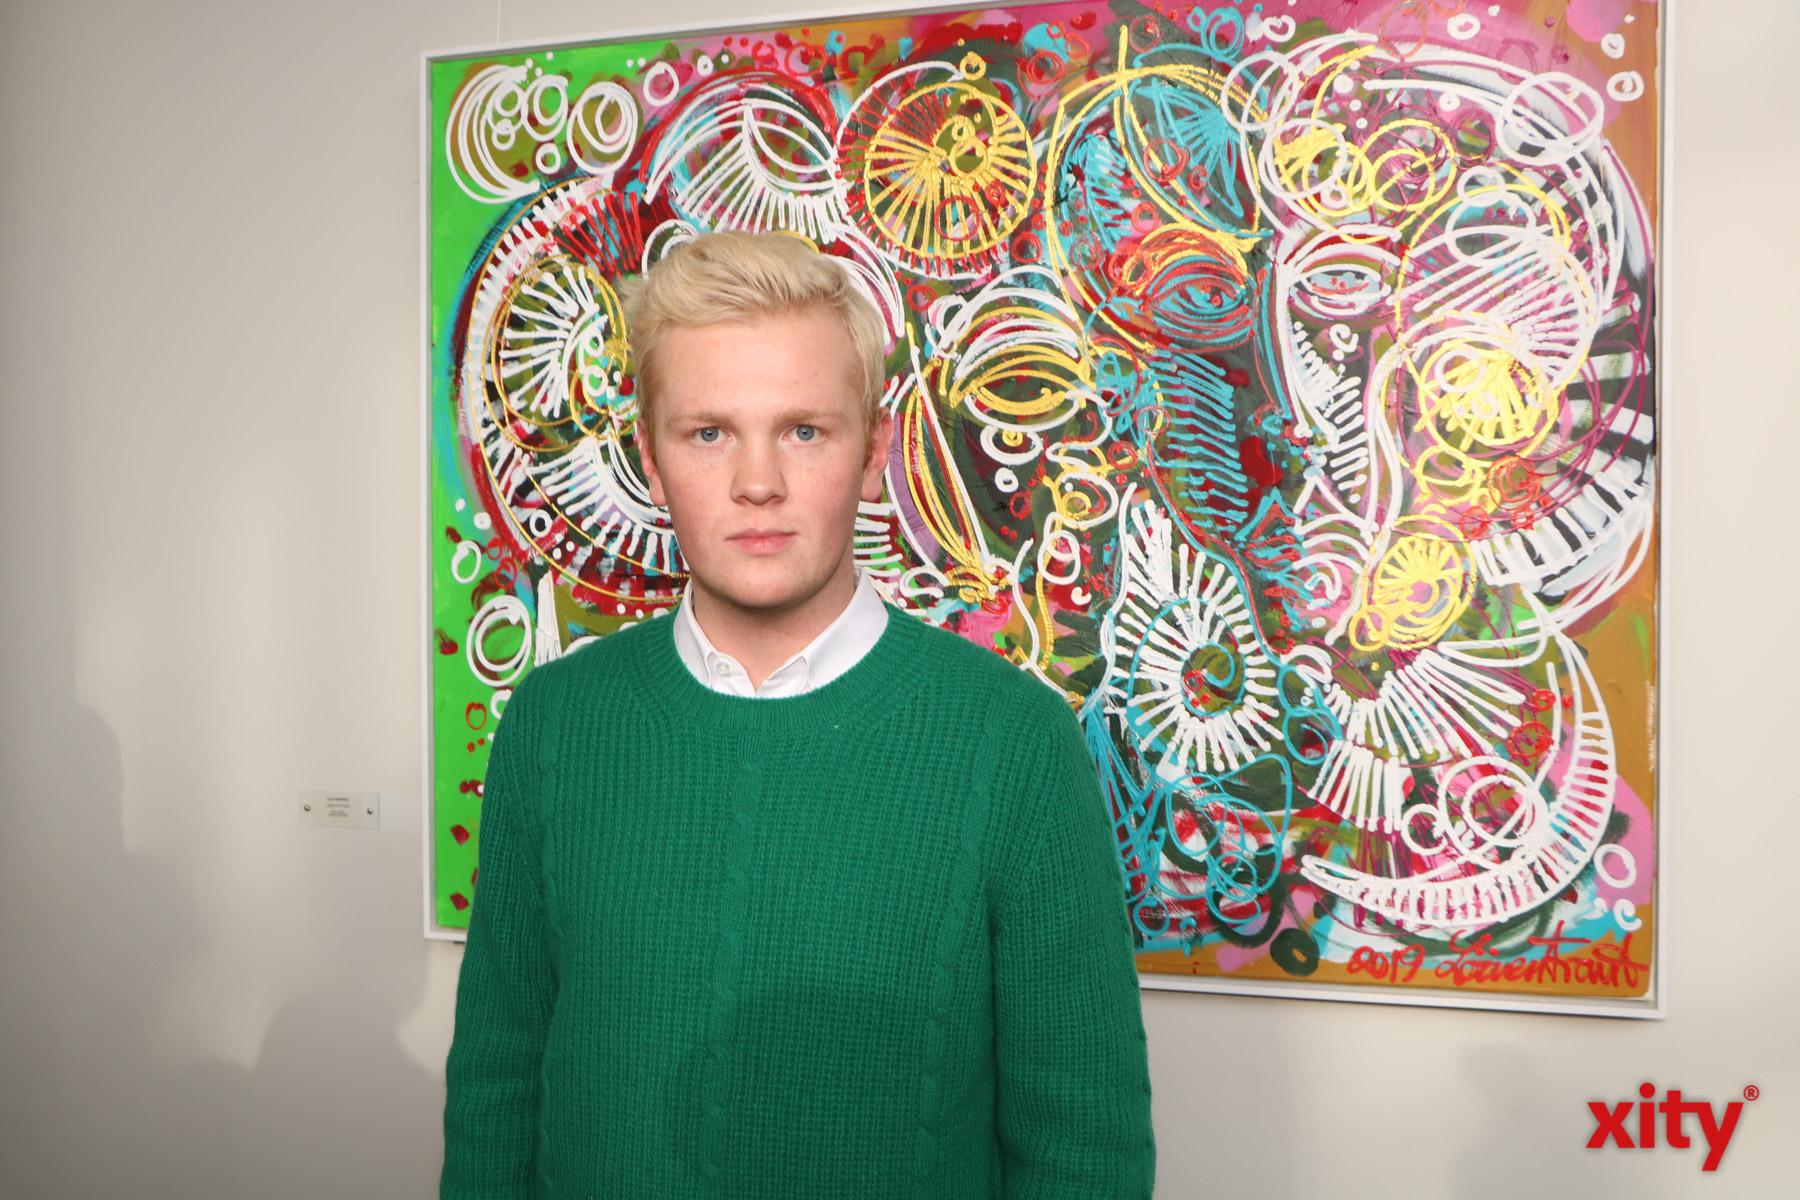 Der Künstler Leon Löwentraut hat Ausstellungen rund um den Globus (Foto: xity)